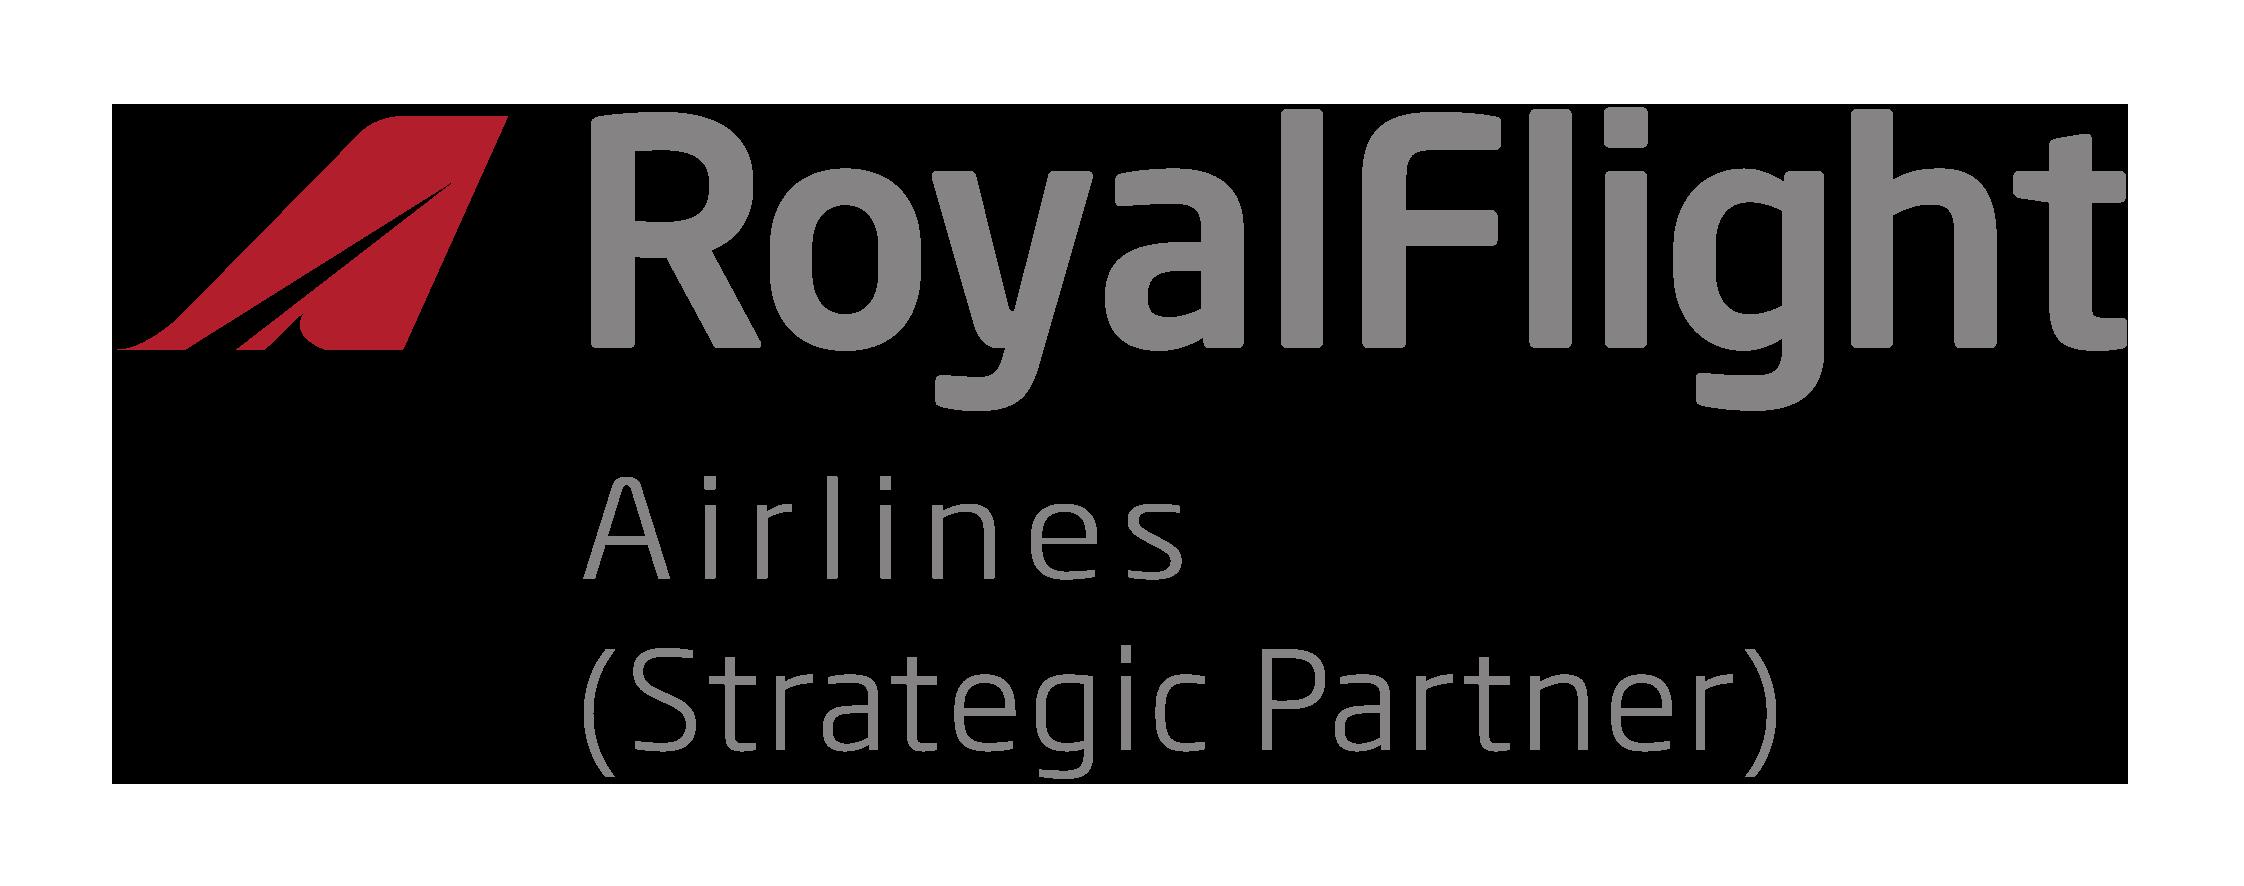 Royal Flight